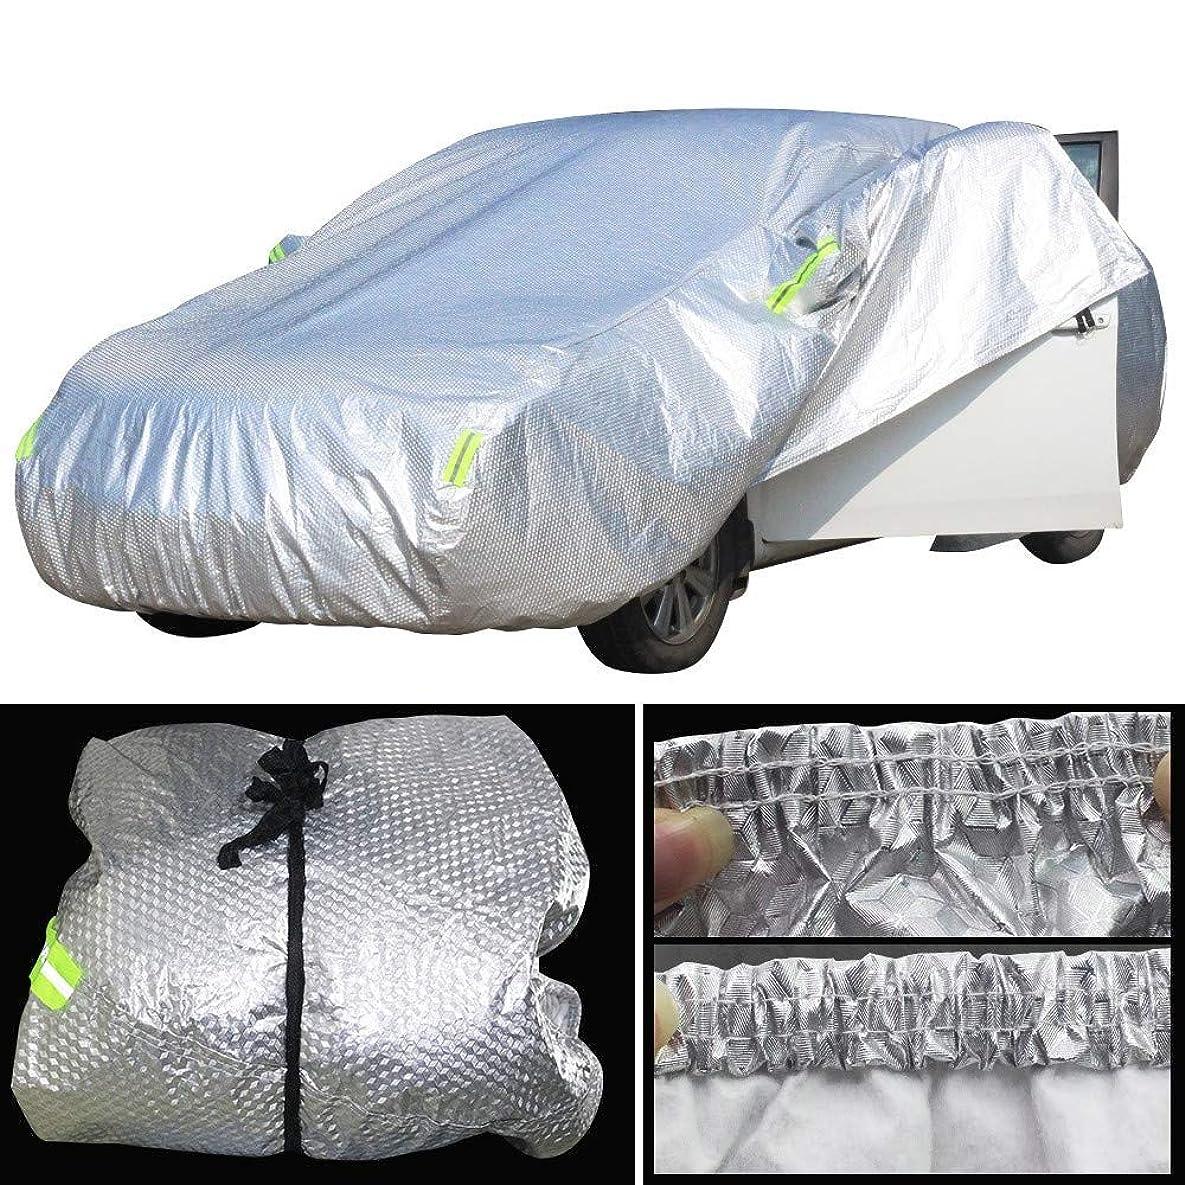 関係する頼む範囲車のカバー防水用フィアット500 Perla Punto MareaパリオブラバOttimo Viaggio Uno車のカバー防水太陽雪降雨雹防止カバー (Color : 2S)